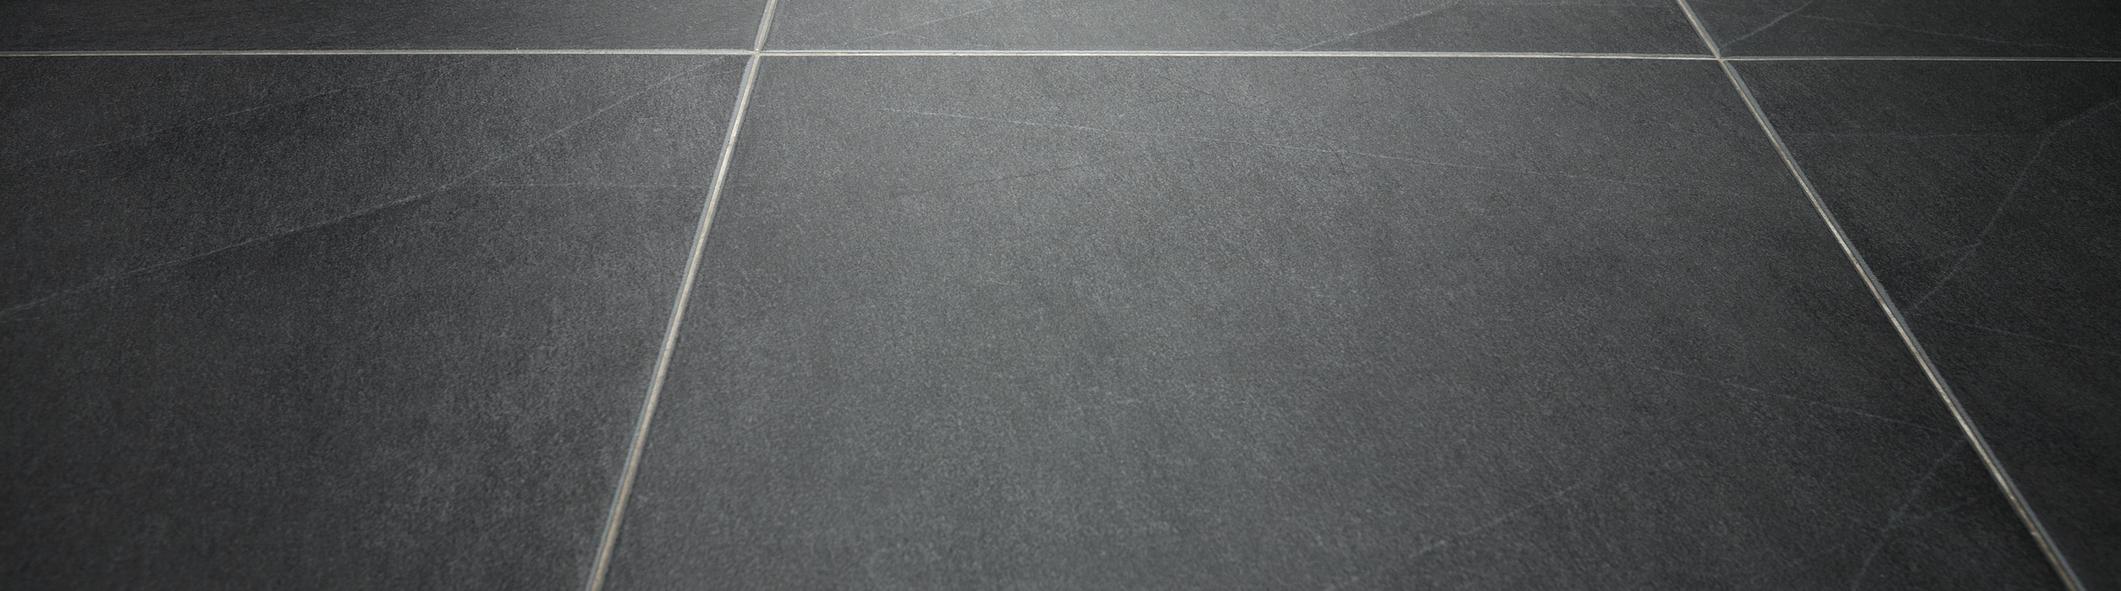 Flooring Professionals Lancashire